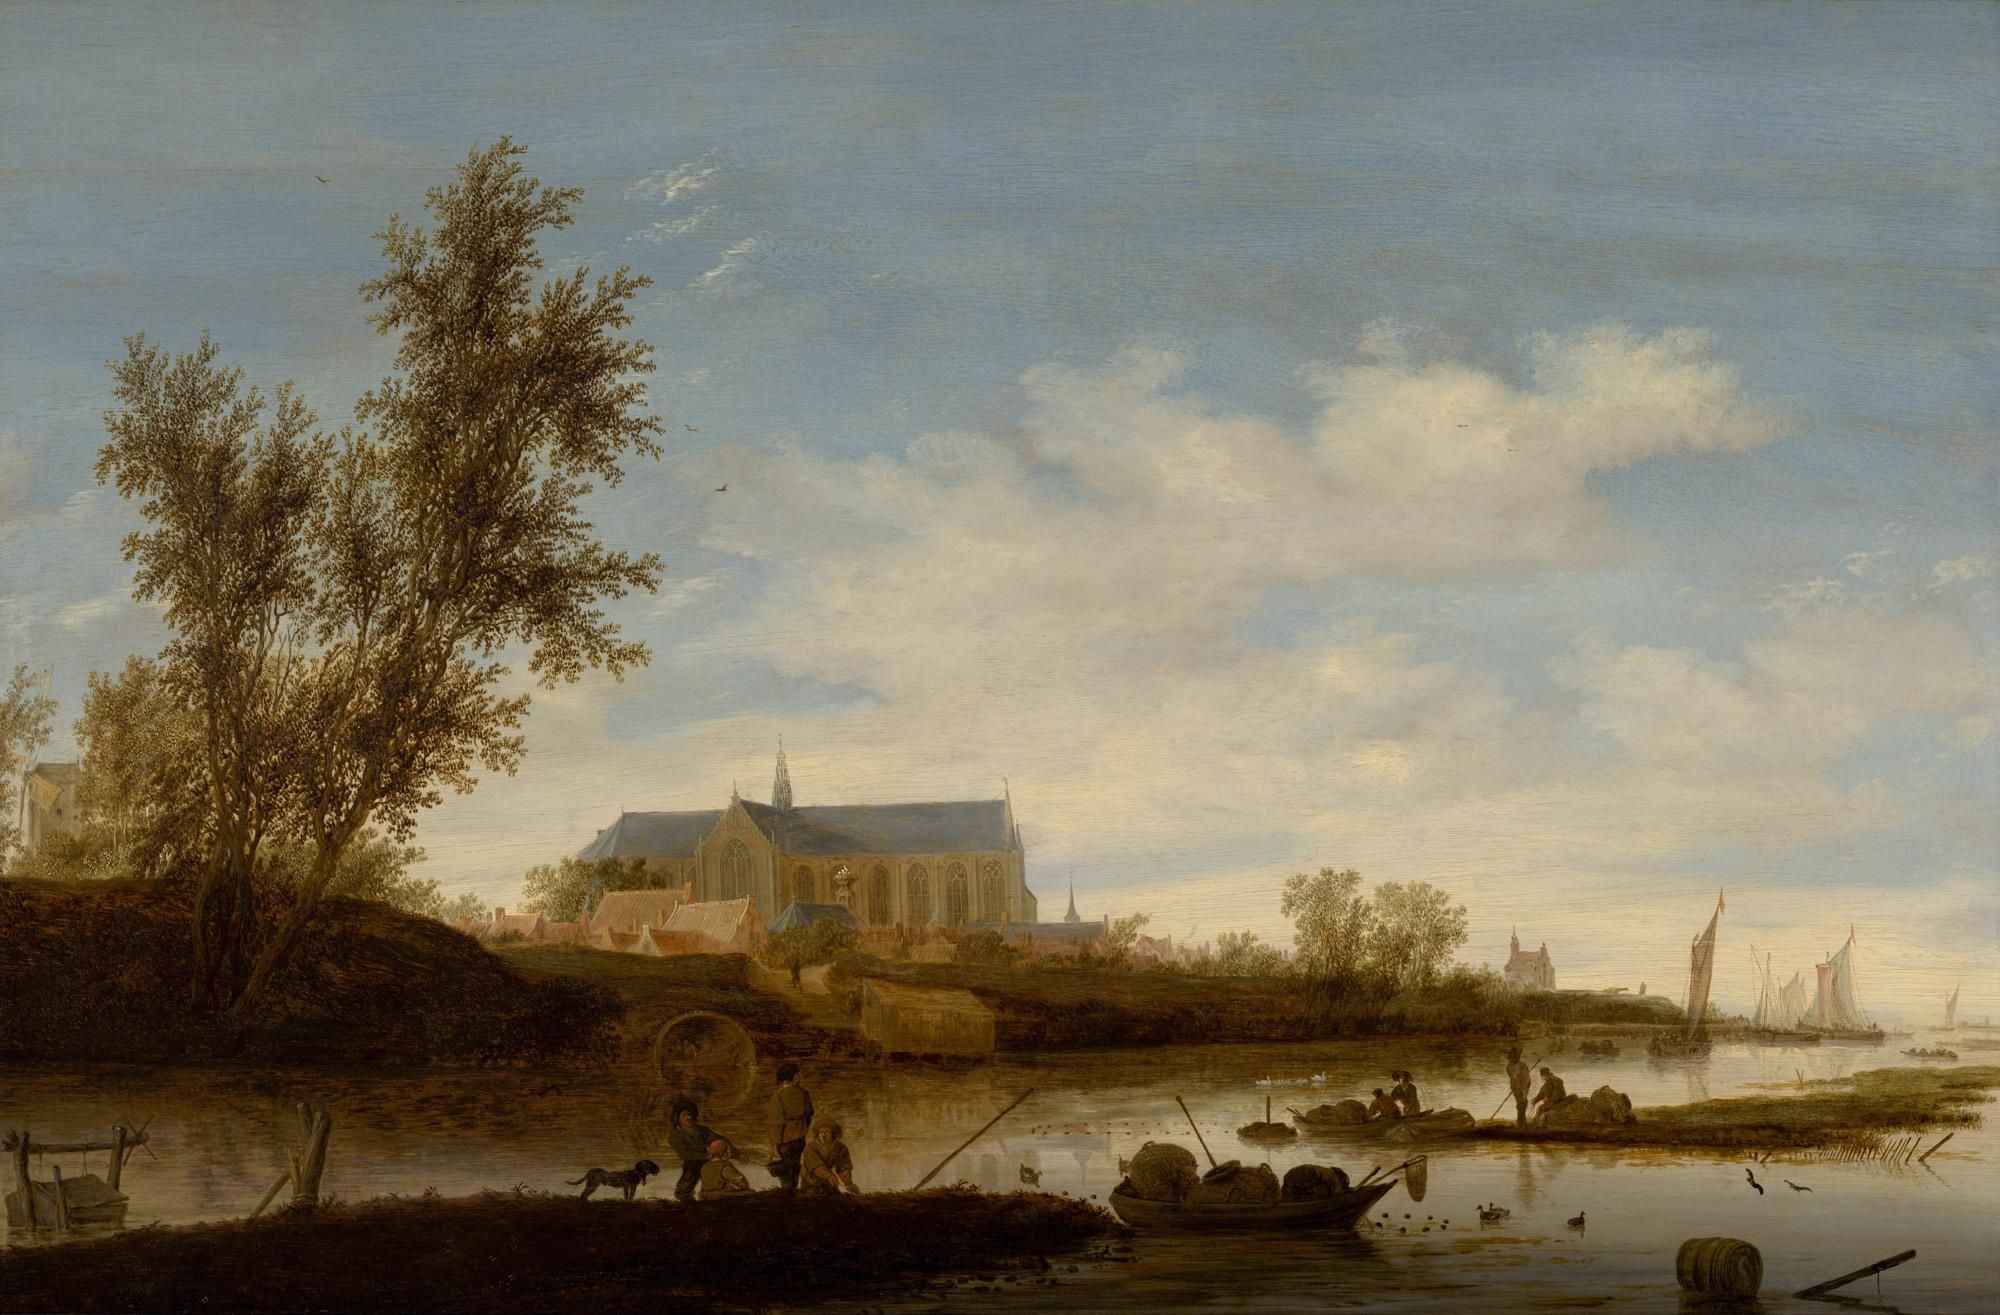 5ffbae6d8aa Afb. 1 - Salomon van Ruysdael, 1644. Gezicht op de Grote of  Sint-Laurenskerk in Alkmaar vanuit het noorden, paneel, 62 x 93 cm,  Stedelijk Museum Alkmaar.